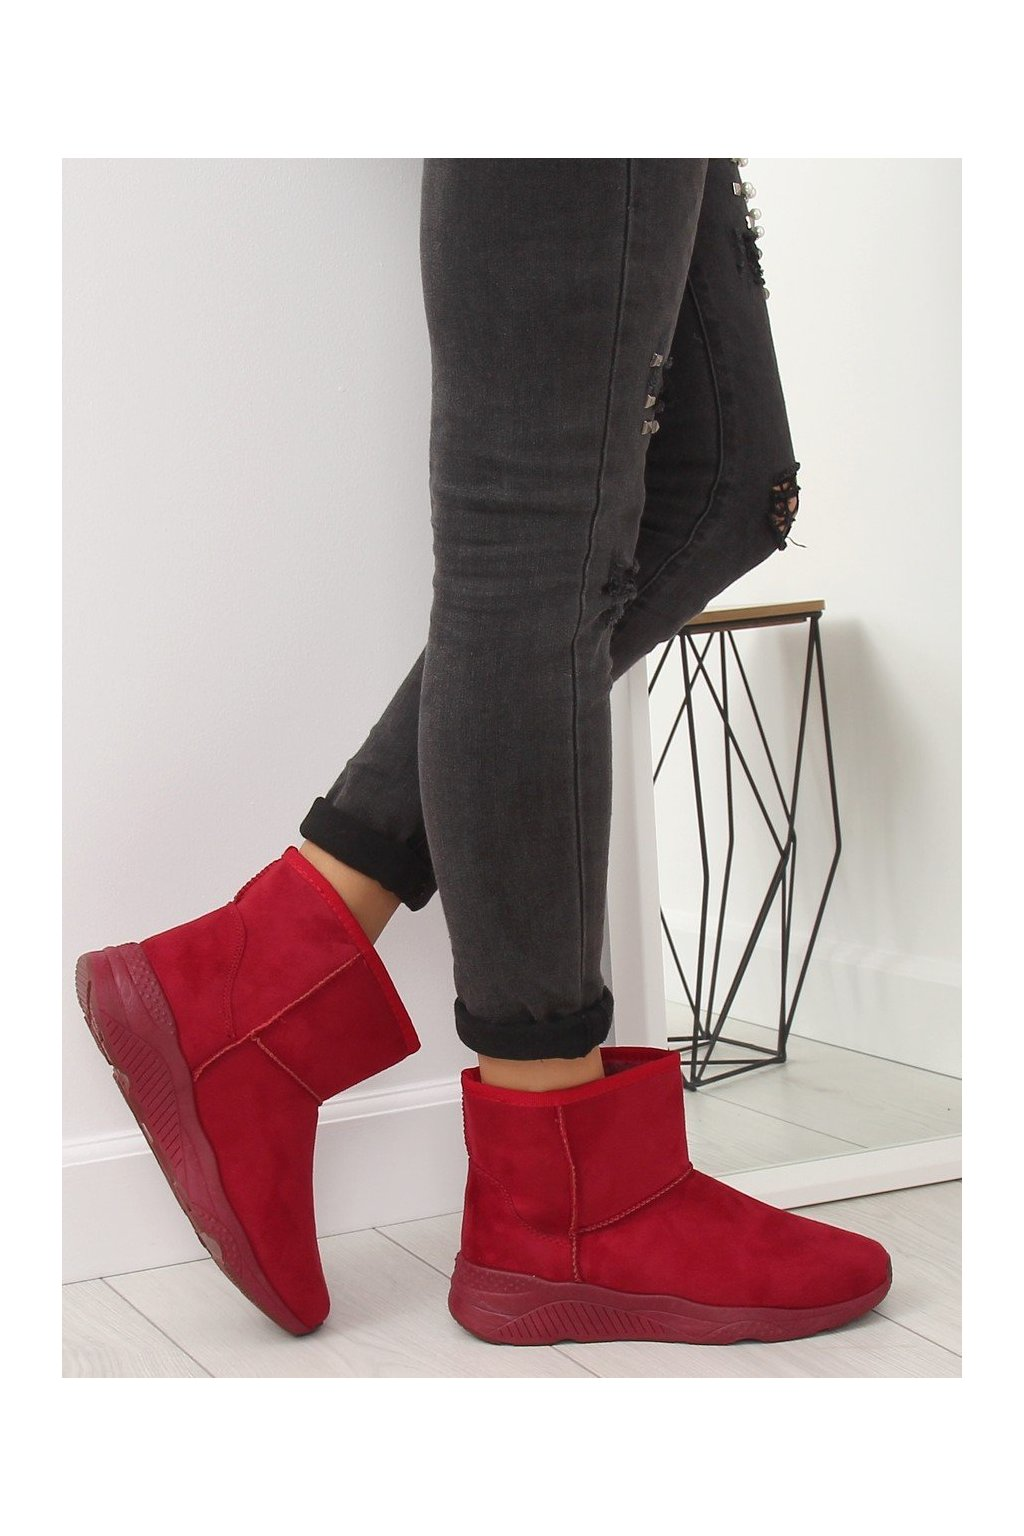 Dámske členkové topánky červené na plochom podpätku NJSK D009